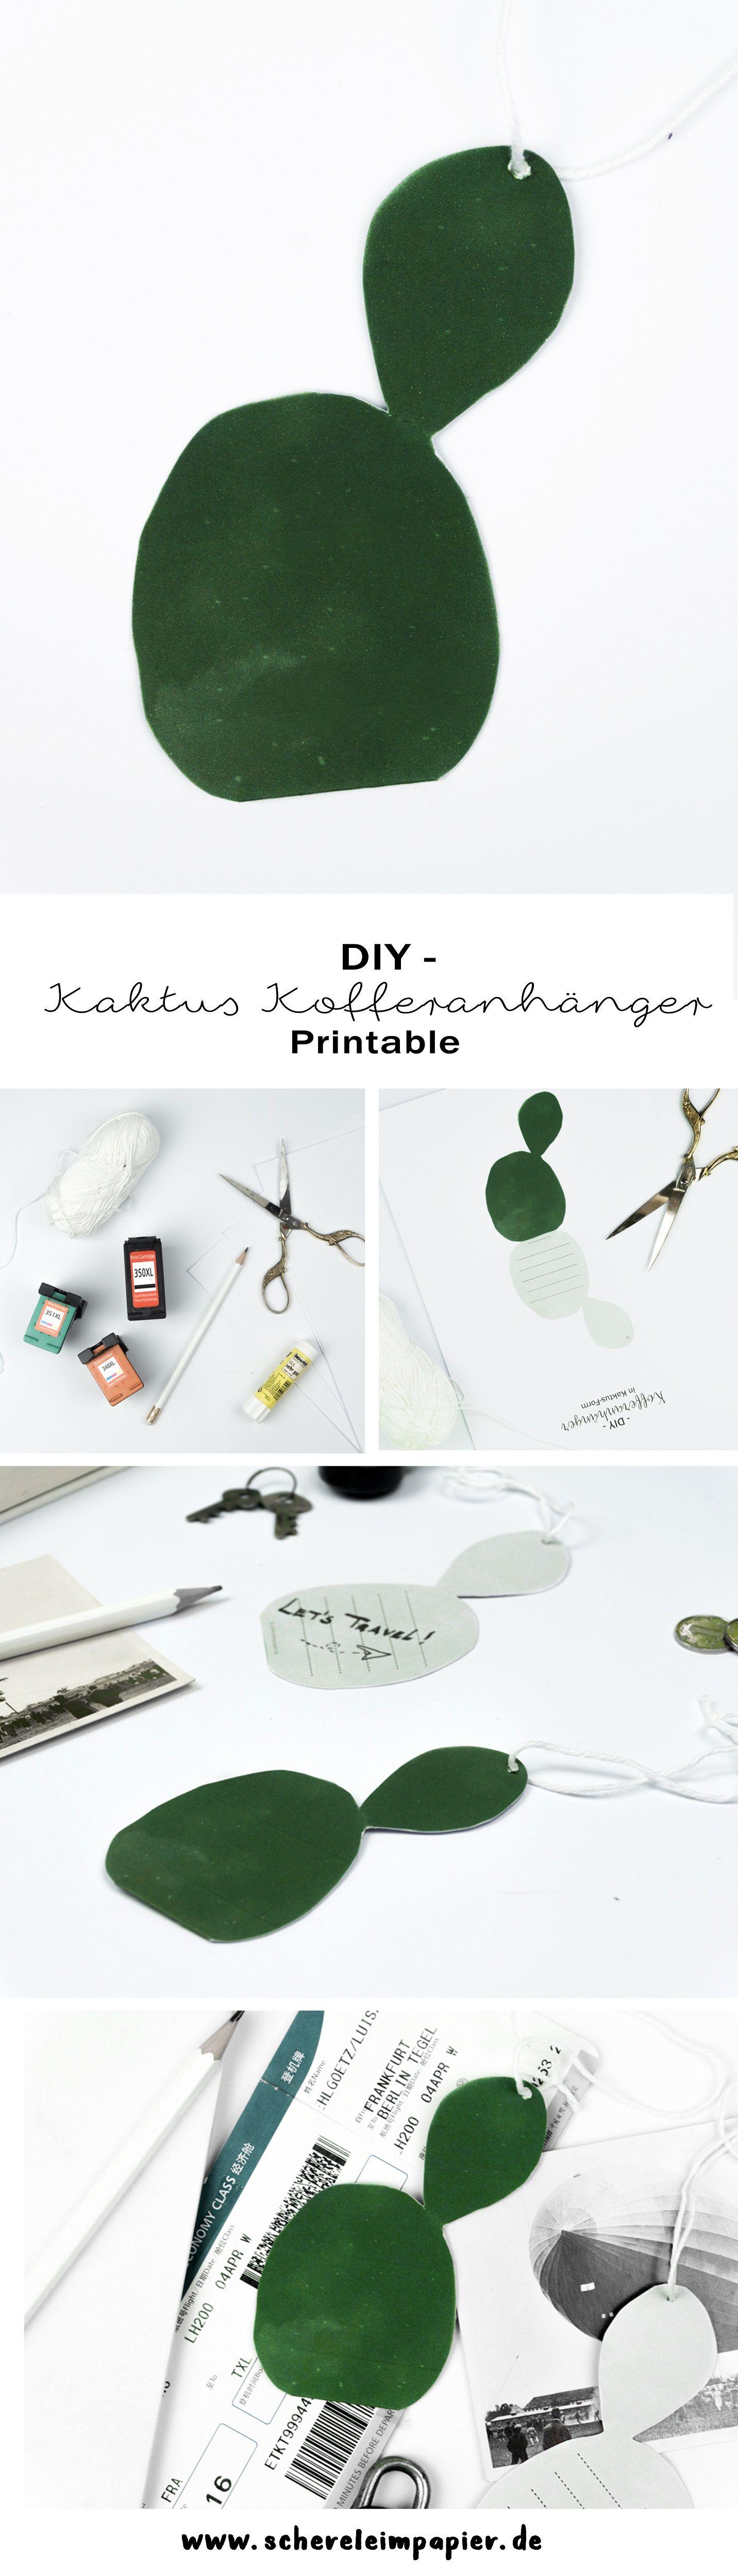 diy kaktus kofferanh nger zum ausdrucken get crafty ausdrucken basteln und papier. Black Bedroom Furniture Sets. Home Design Ideas